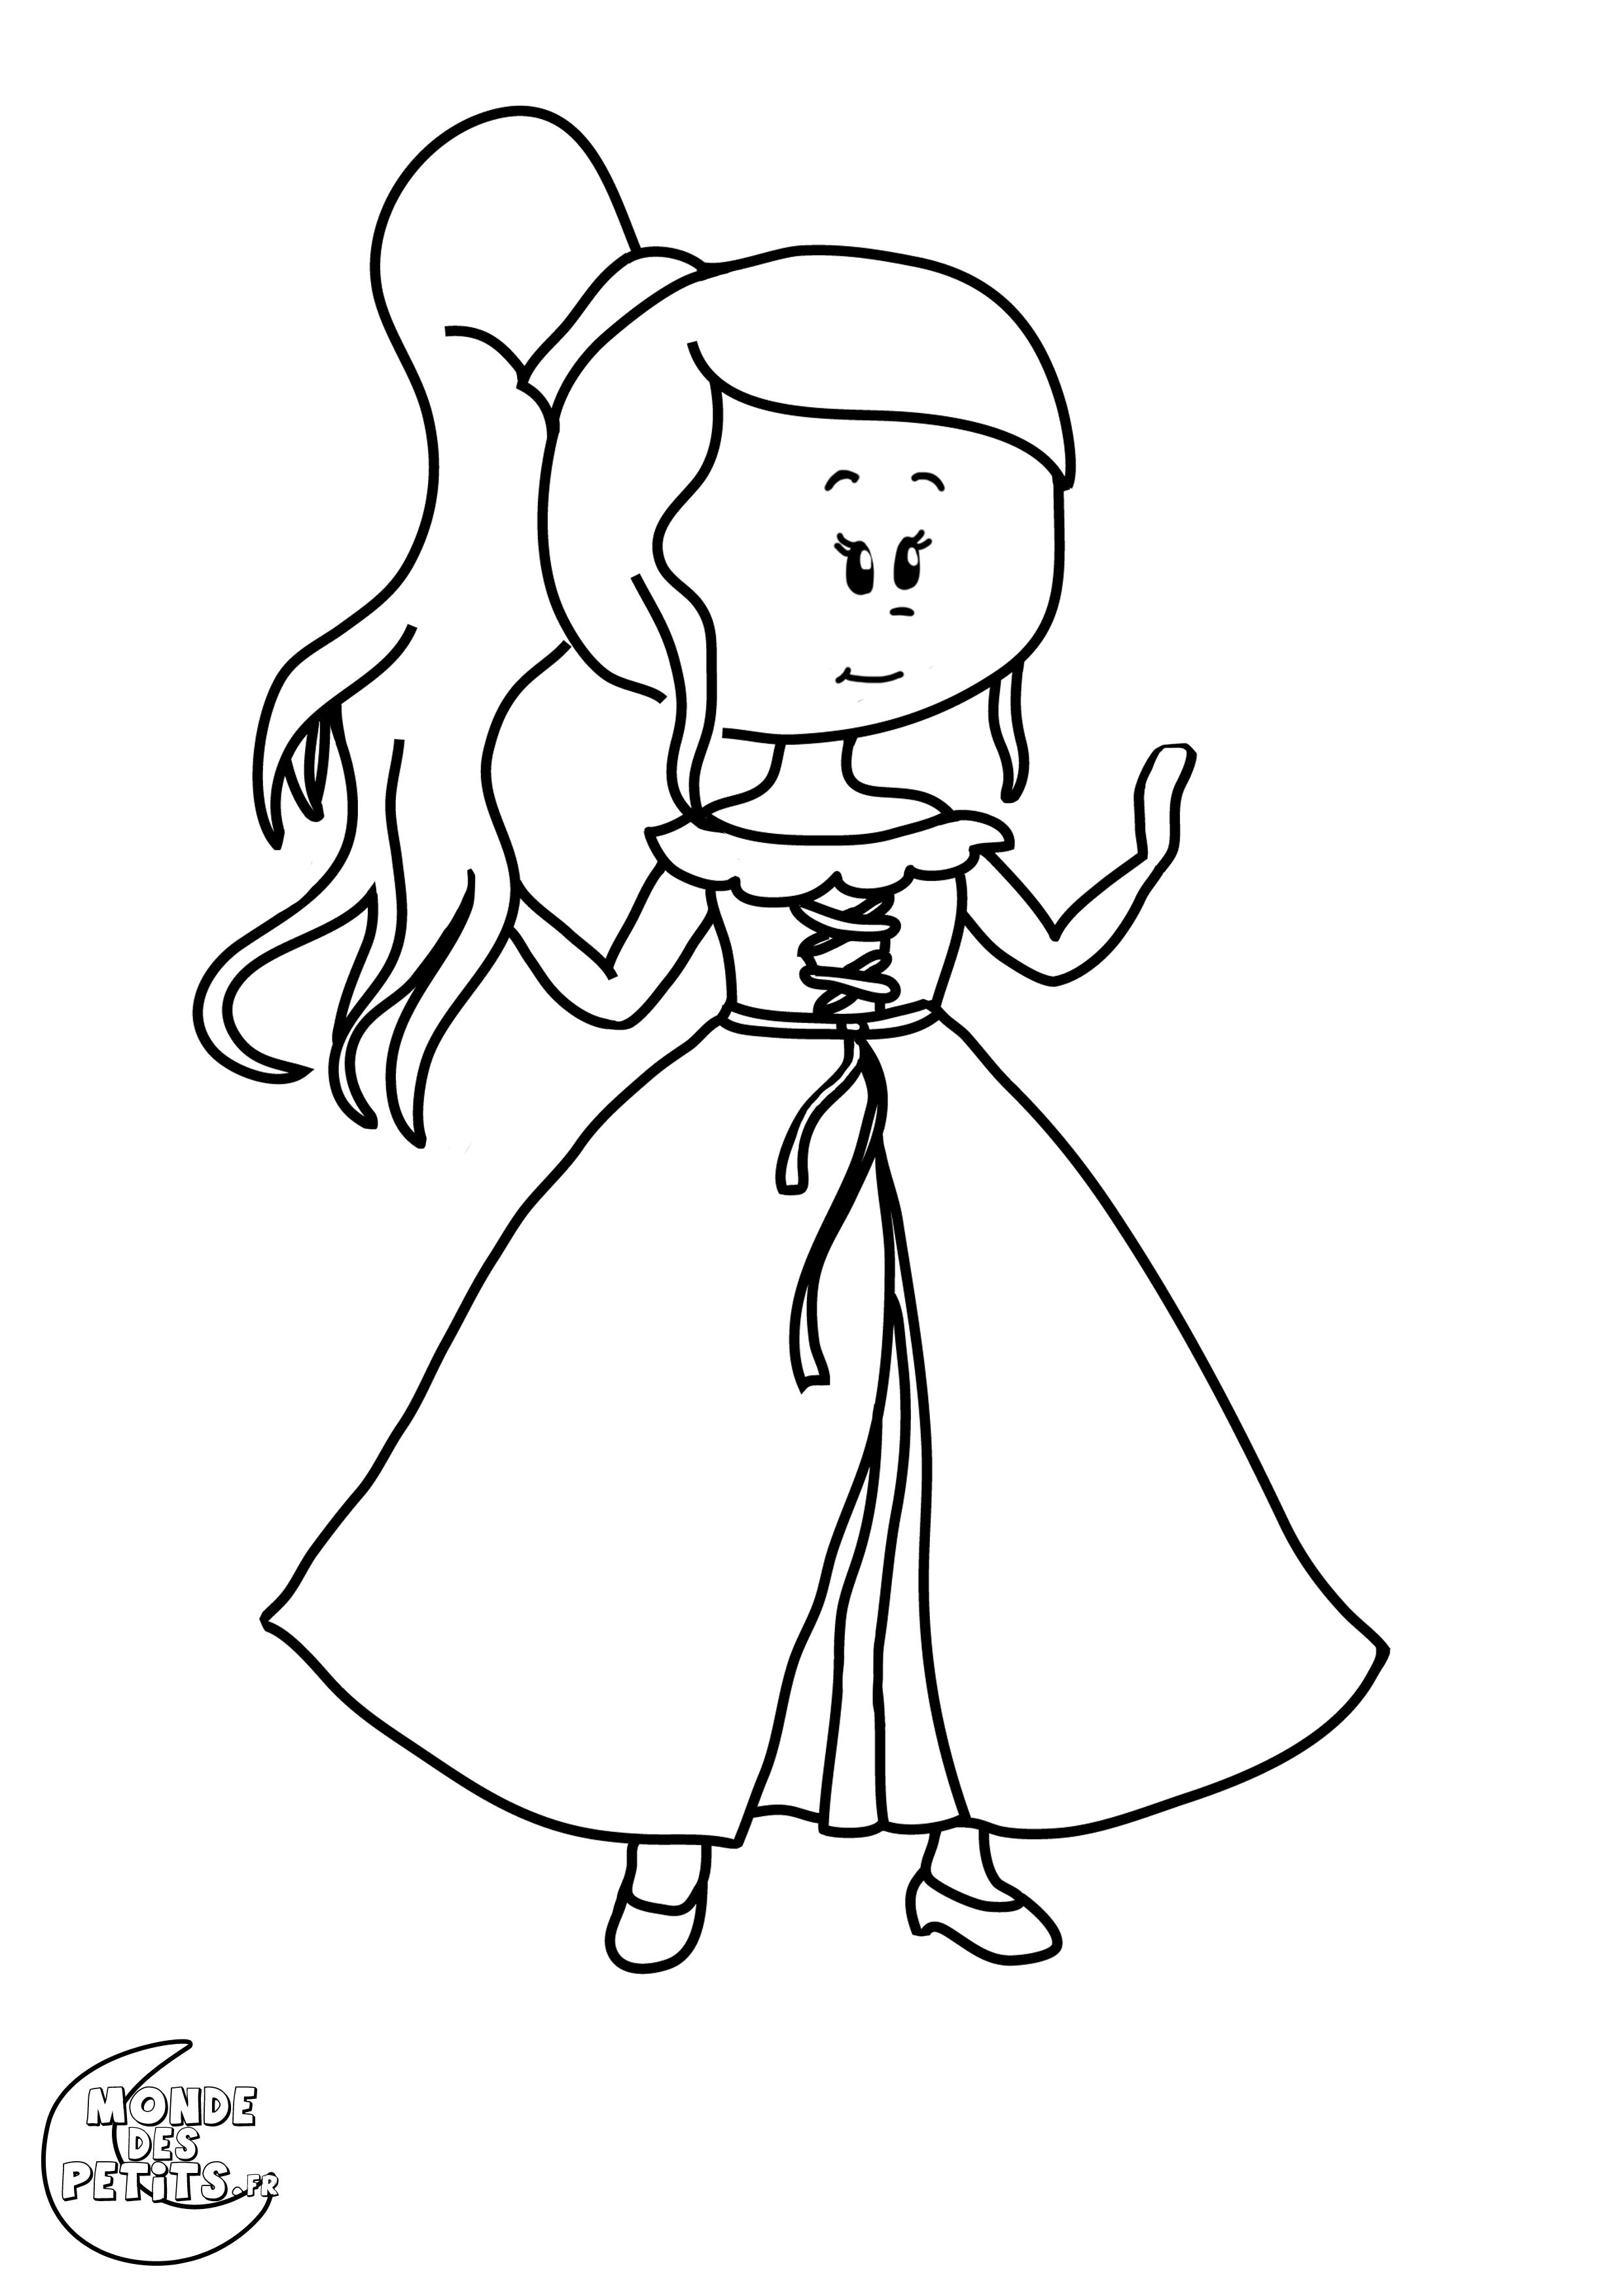 Monde des petits coloriages imprimer - Princesse dessin facile ...